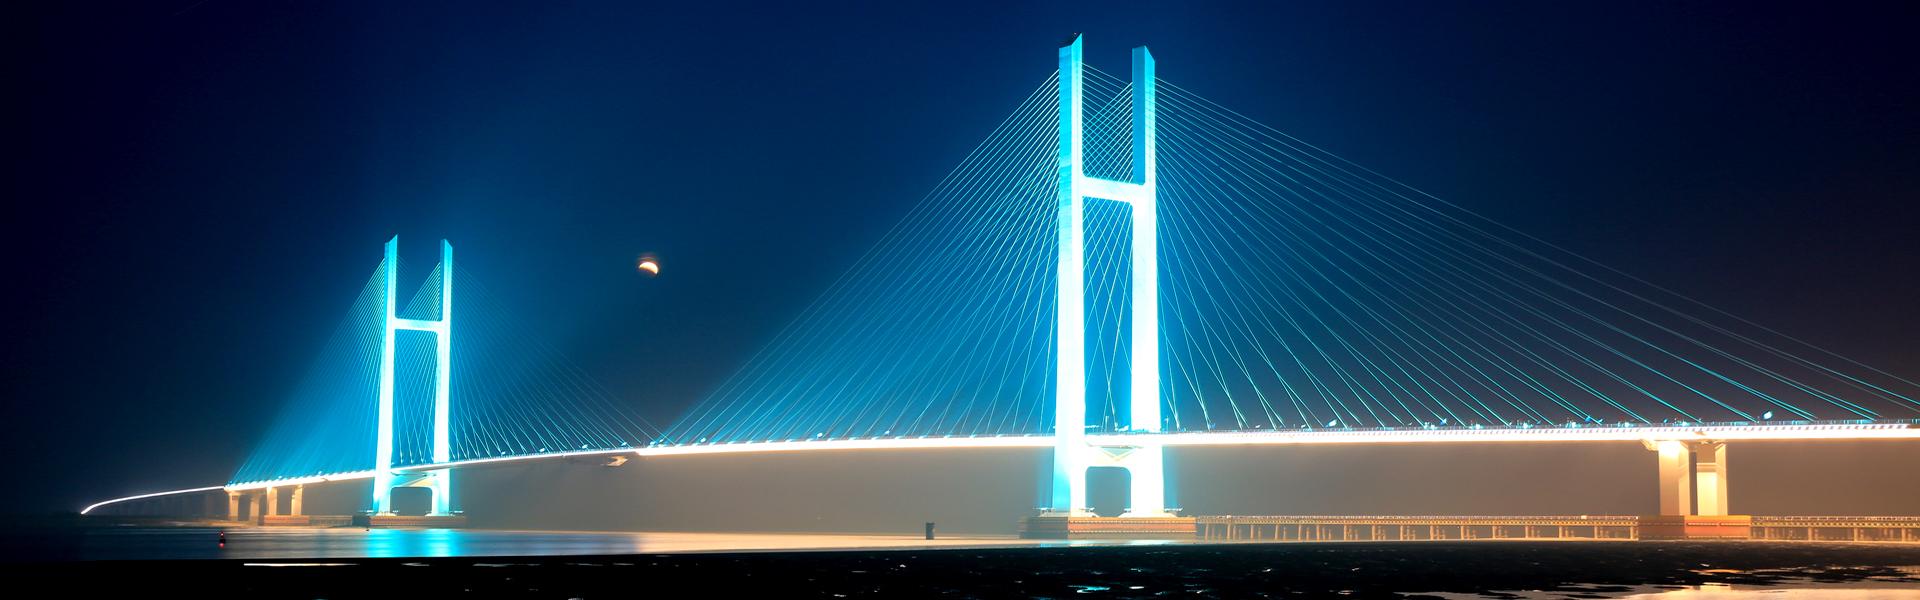 中朝边境鸭绿江大桥亮化工程